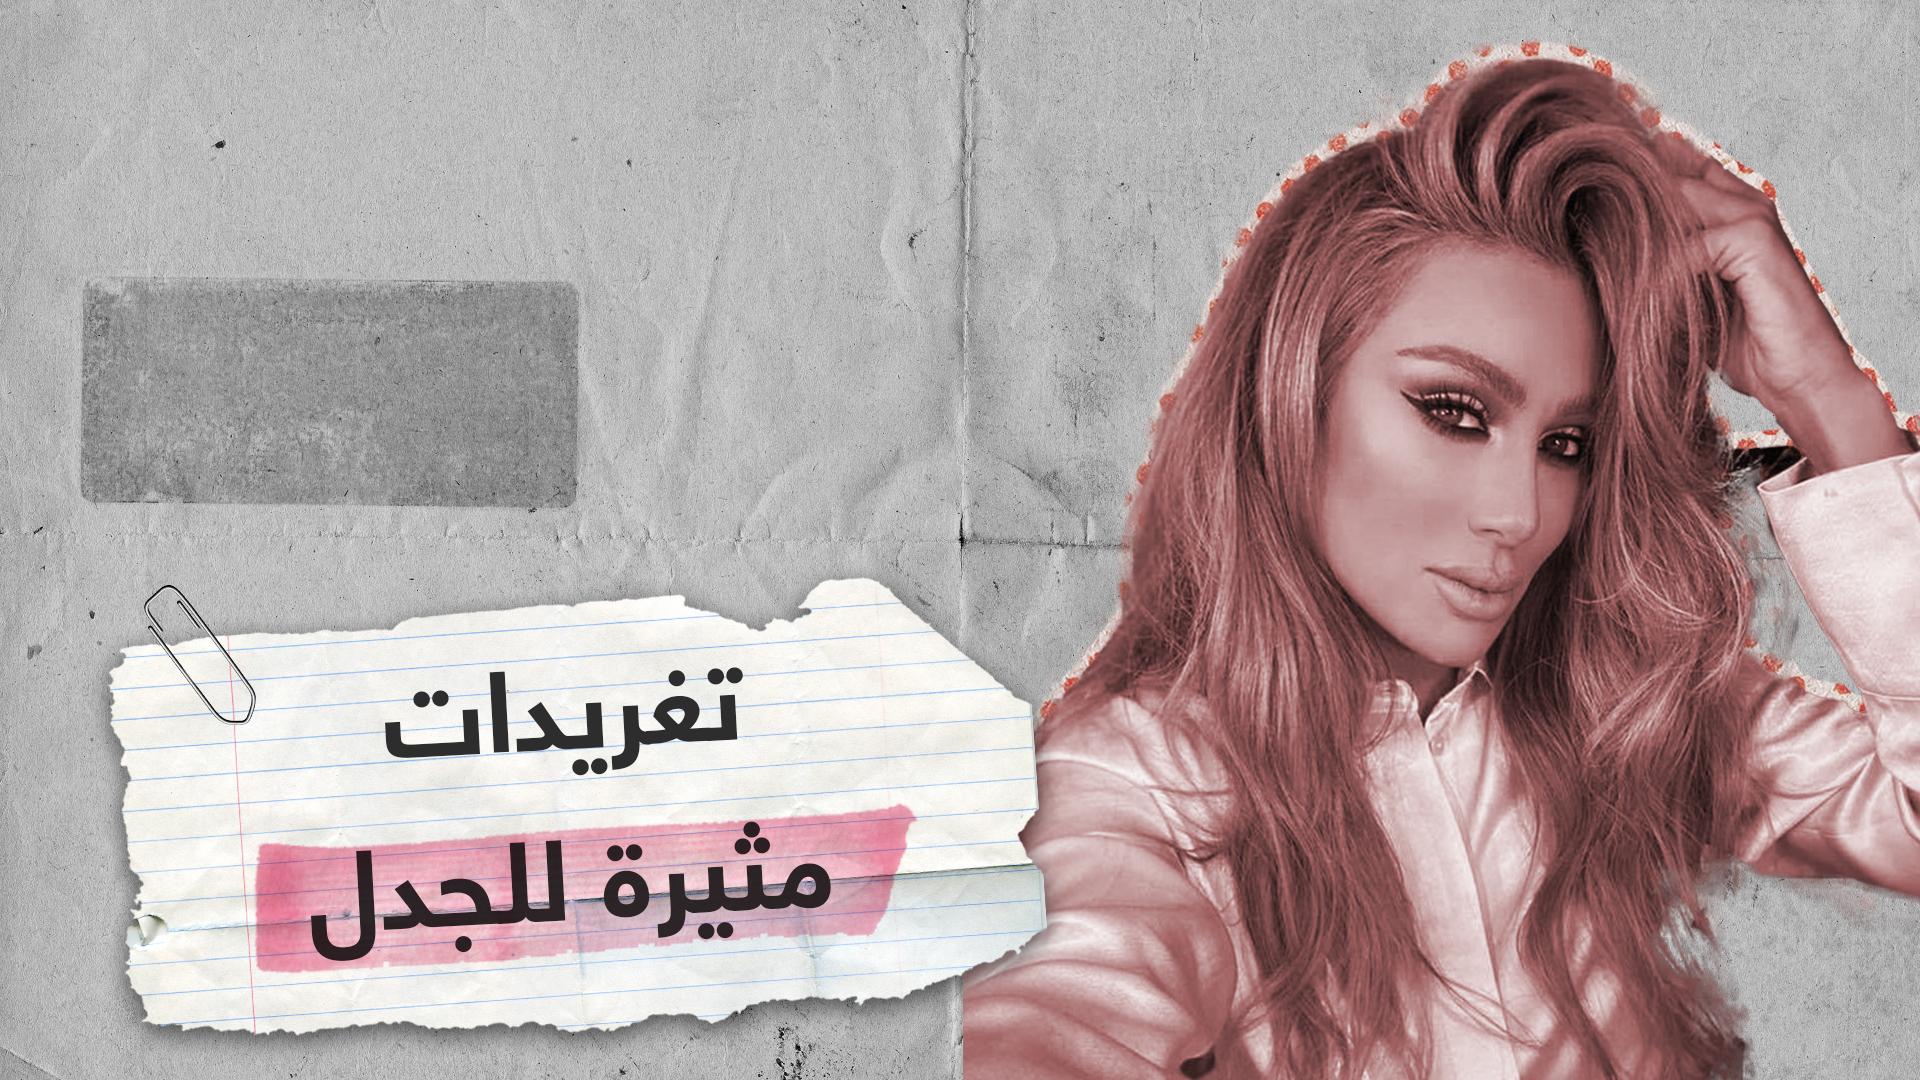 """مايا دياب تغرد مطالبة محمد بن سلمان بـ """"حماية لبنان"""" وتحذف تغريدتها لاحقا"""